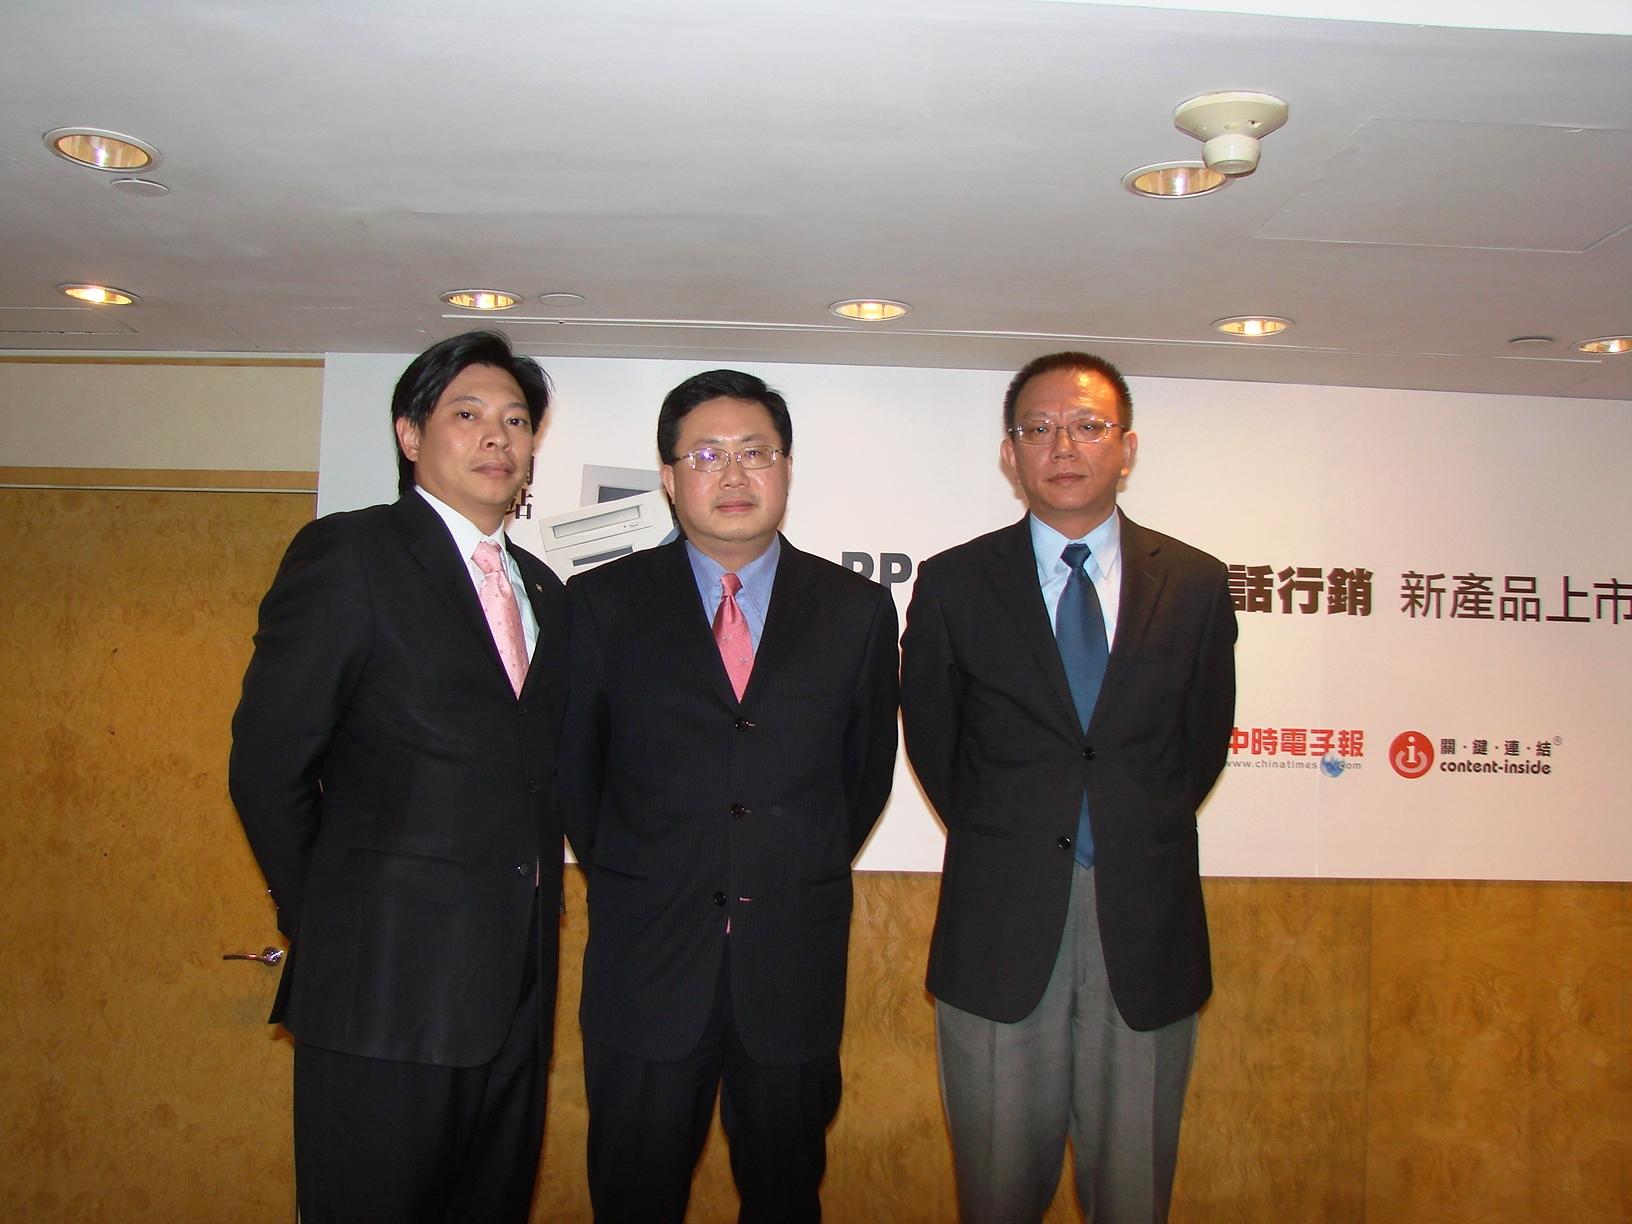 【新聞圖片一】中時電子報總經理姚頌柏及副總經理張志弘業務協理蘇聰德出席記者會